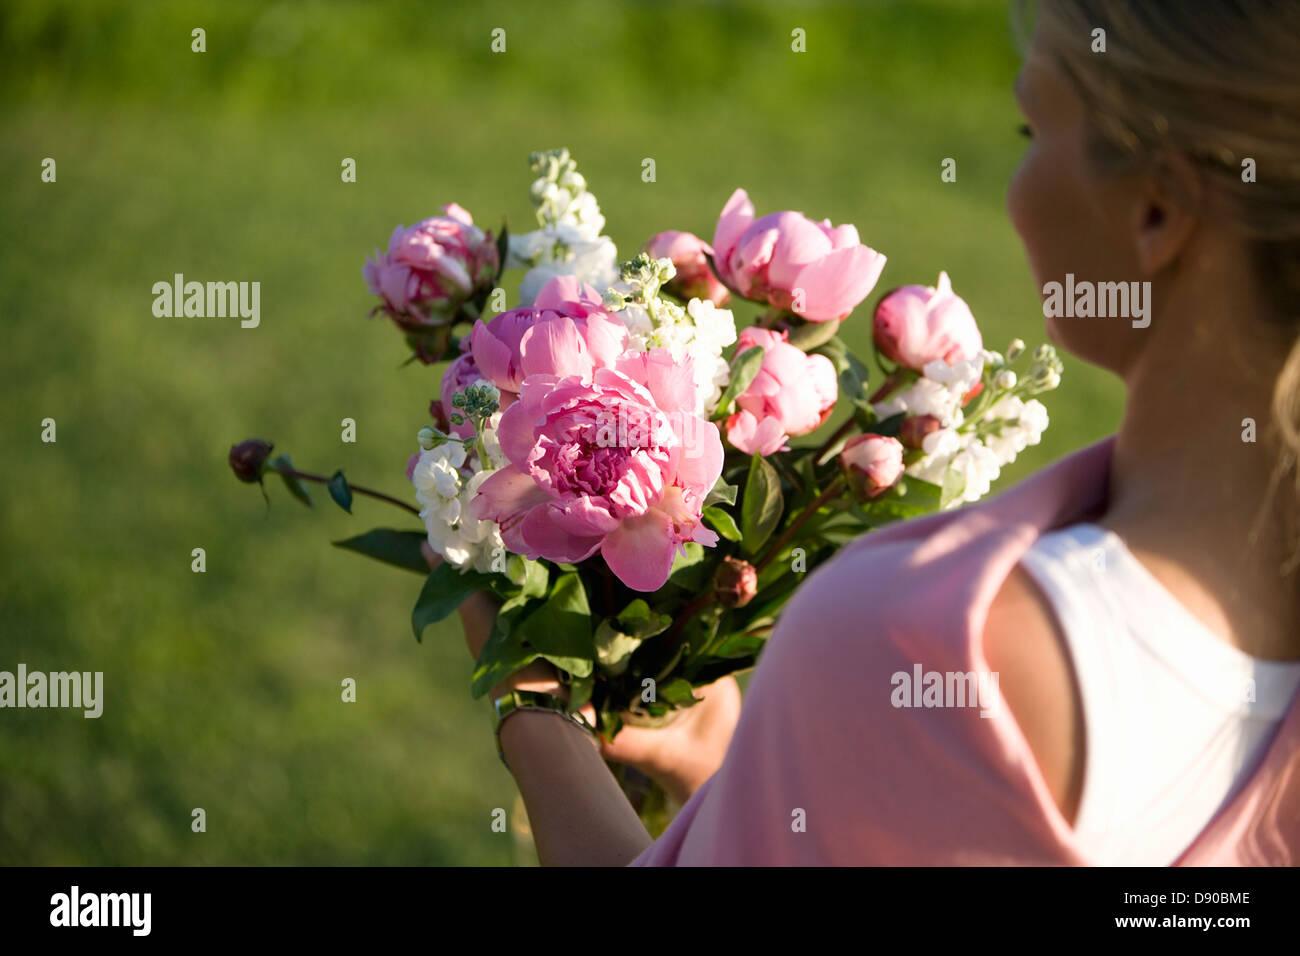 Donna portando un mazzo di fiori, Fejan, arcipelago di Stoccolma, Svezia. Foto Stock